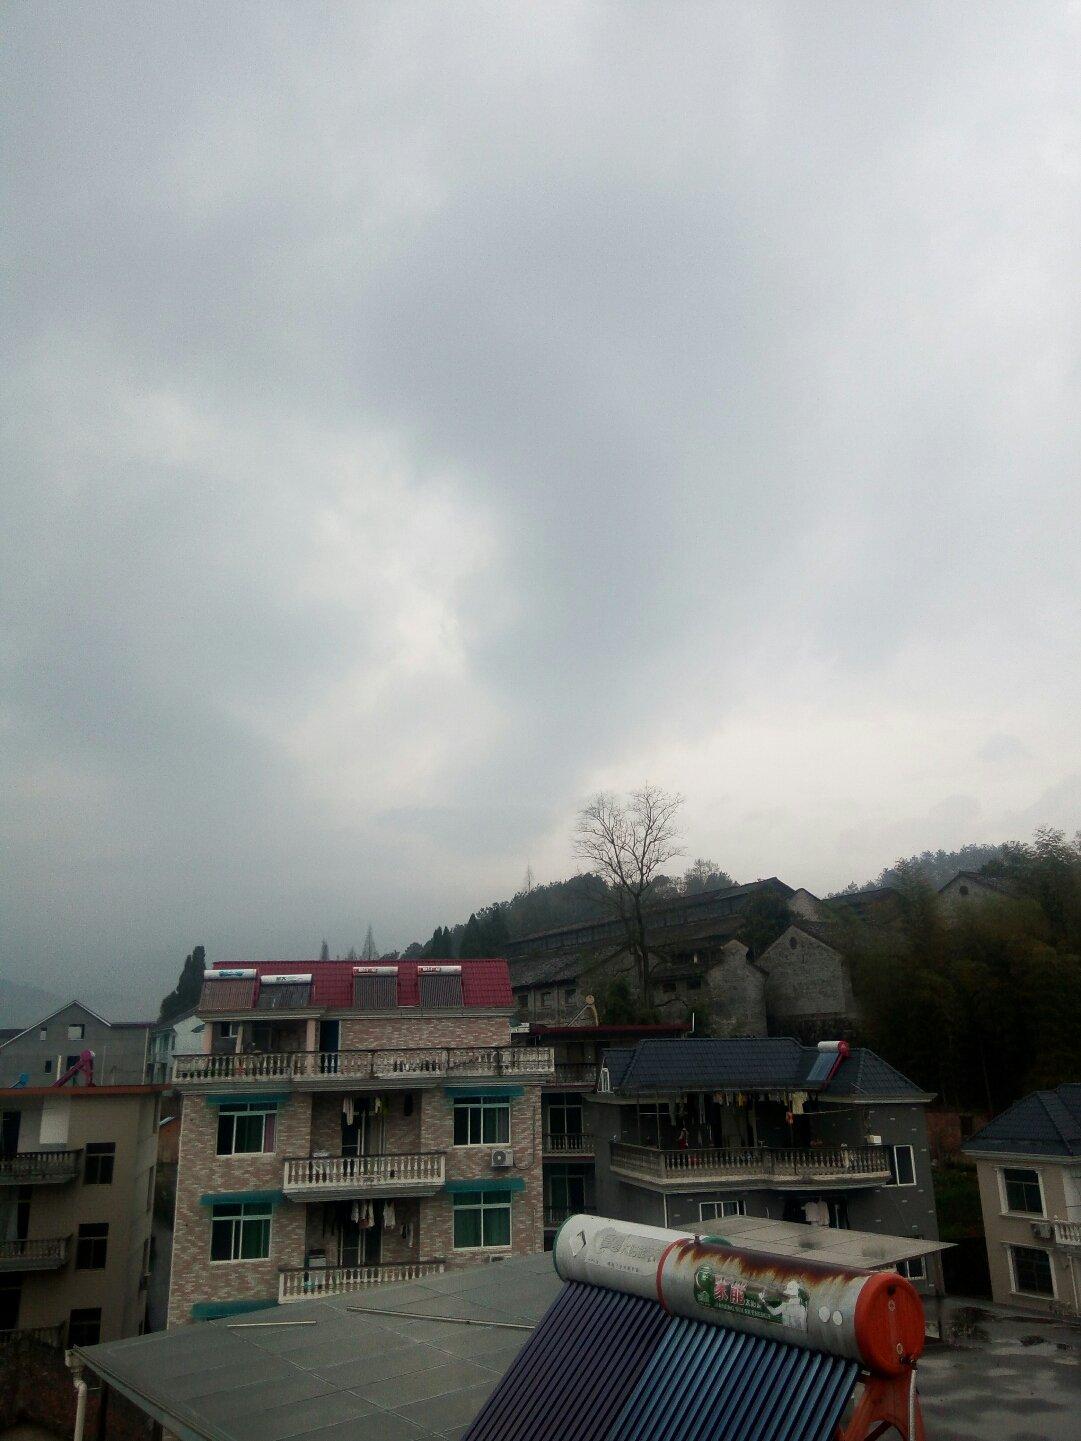 浙江省丽水市遂昌县梅溪路靠近水阁宾馆(水阁路)天气预报图片